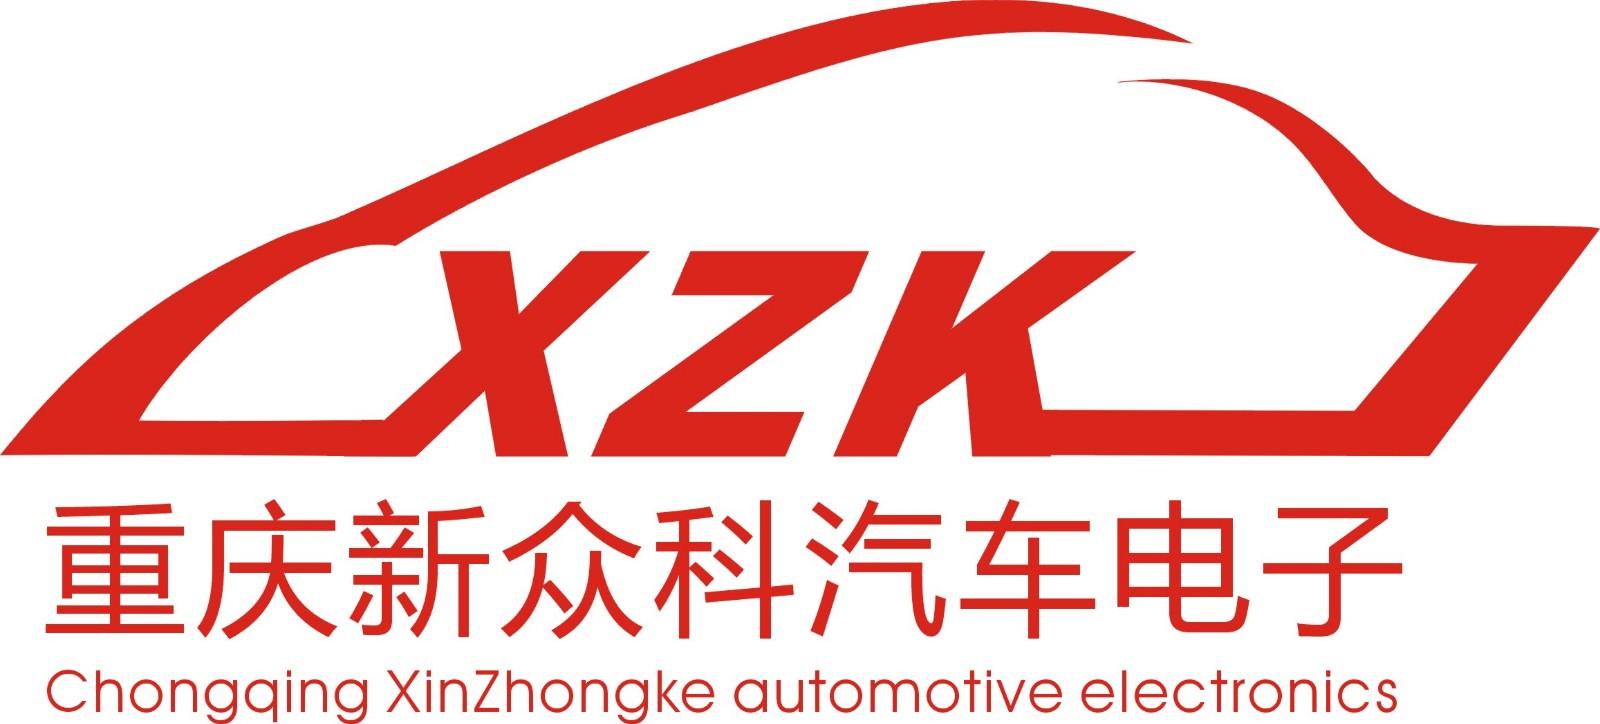 汽车电子配件等领域的综合性创新型汽车消费类电子